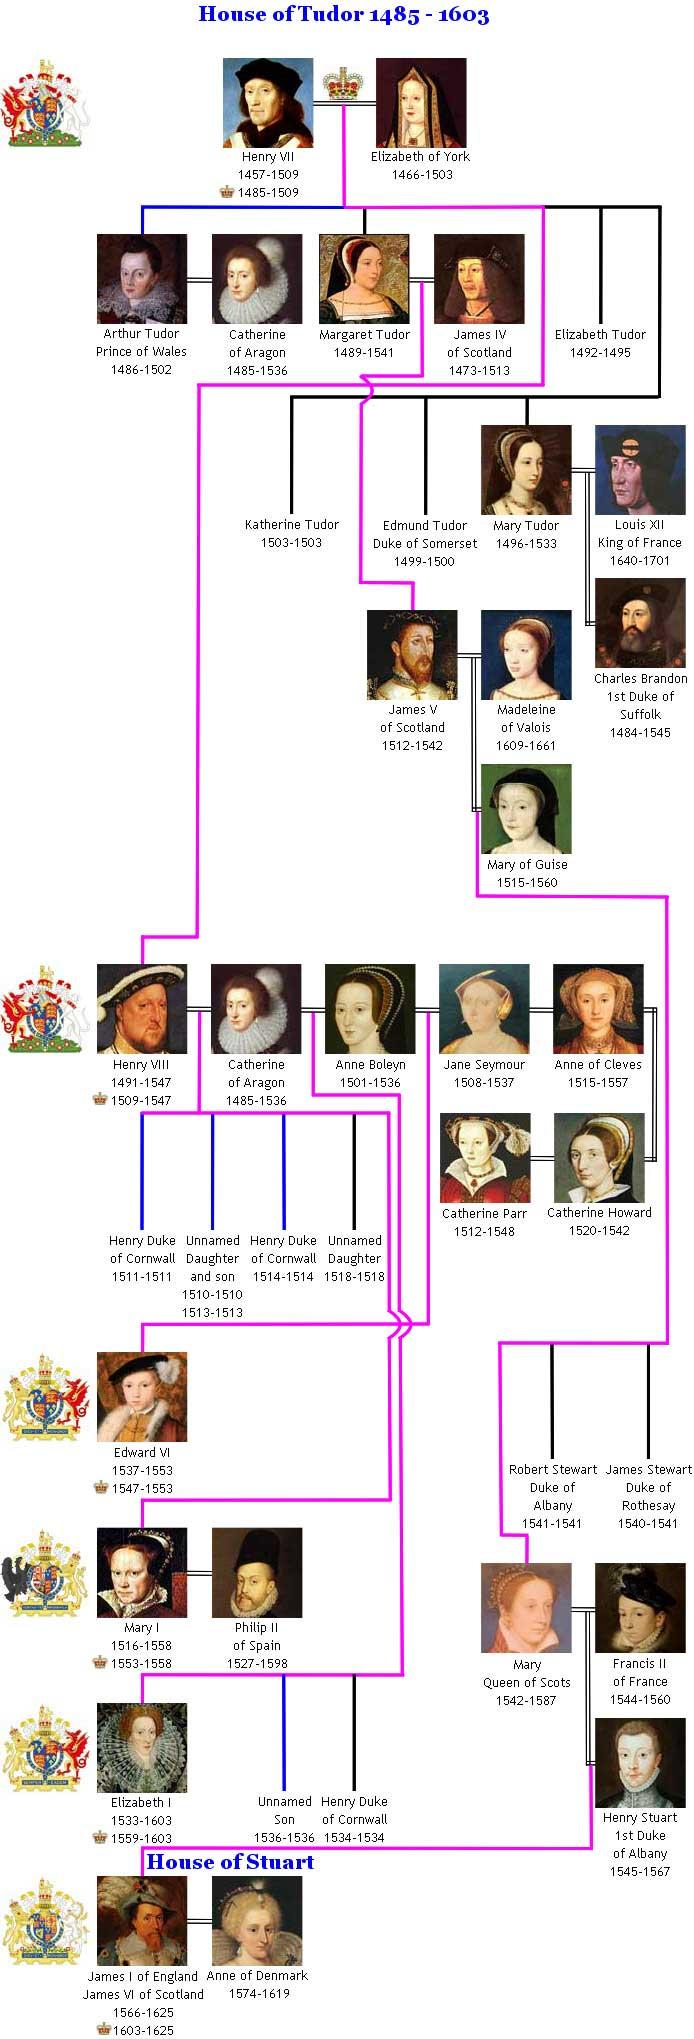 House of Tudor Royal Family Tree